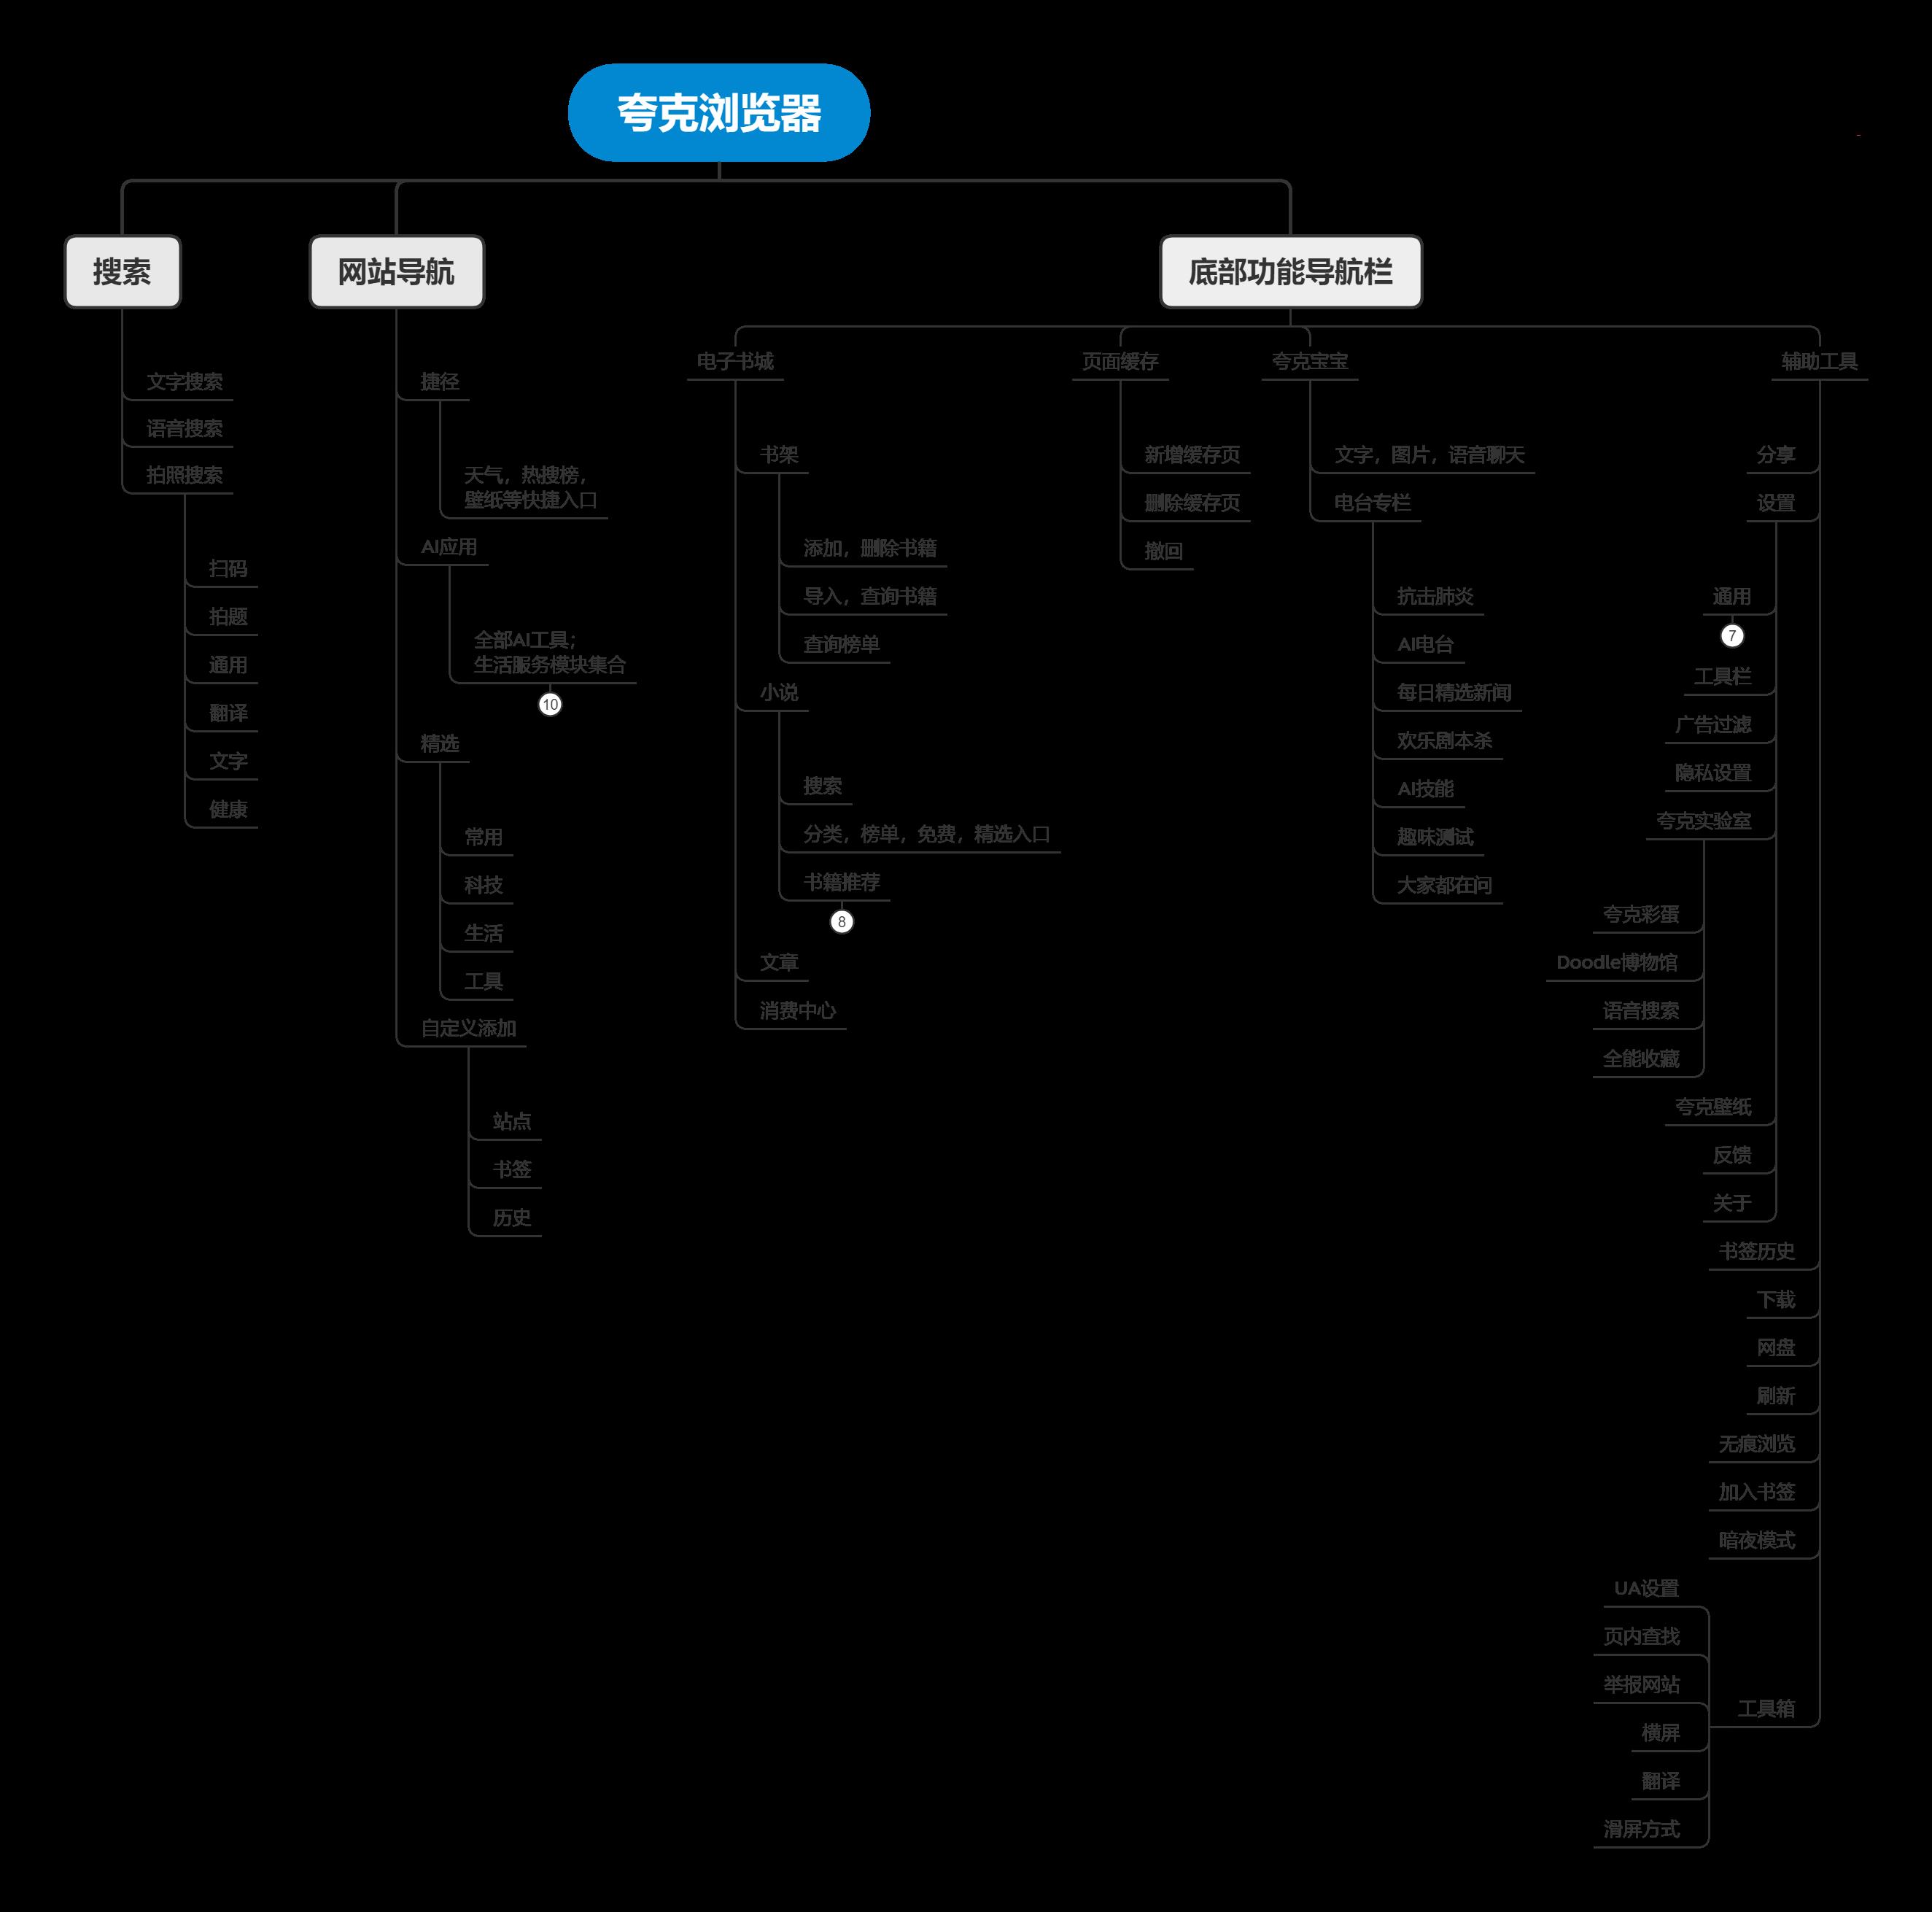 夸克产品分析报告:如何以用户为核心打造内容聚合平台插图10